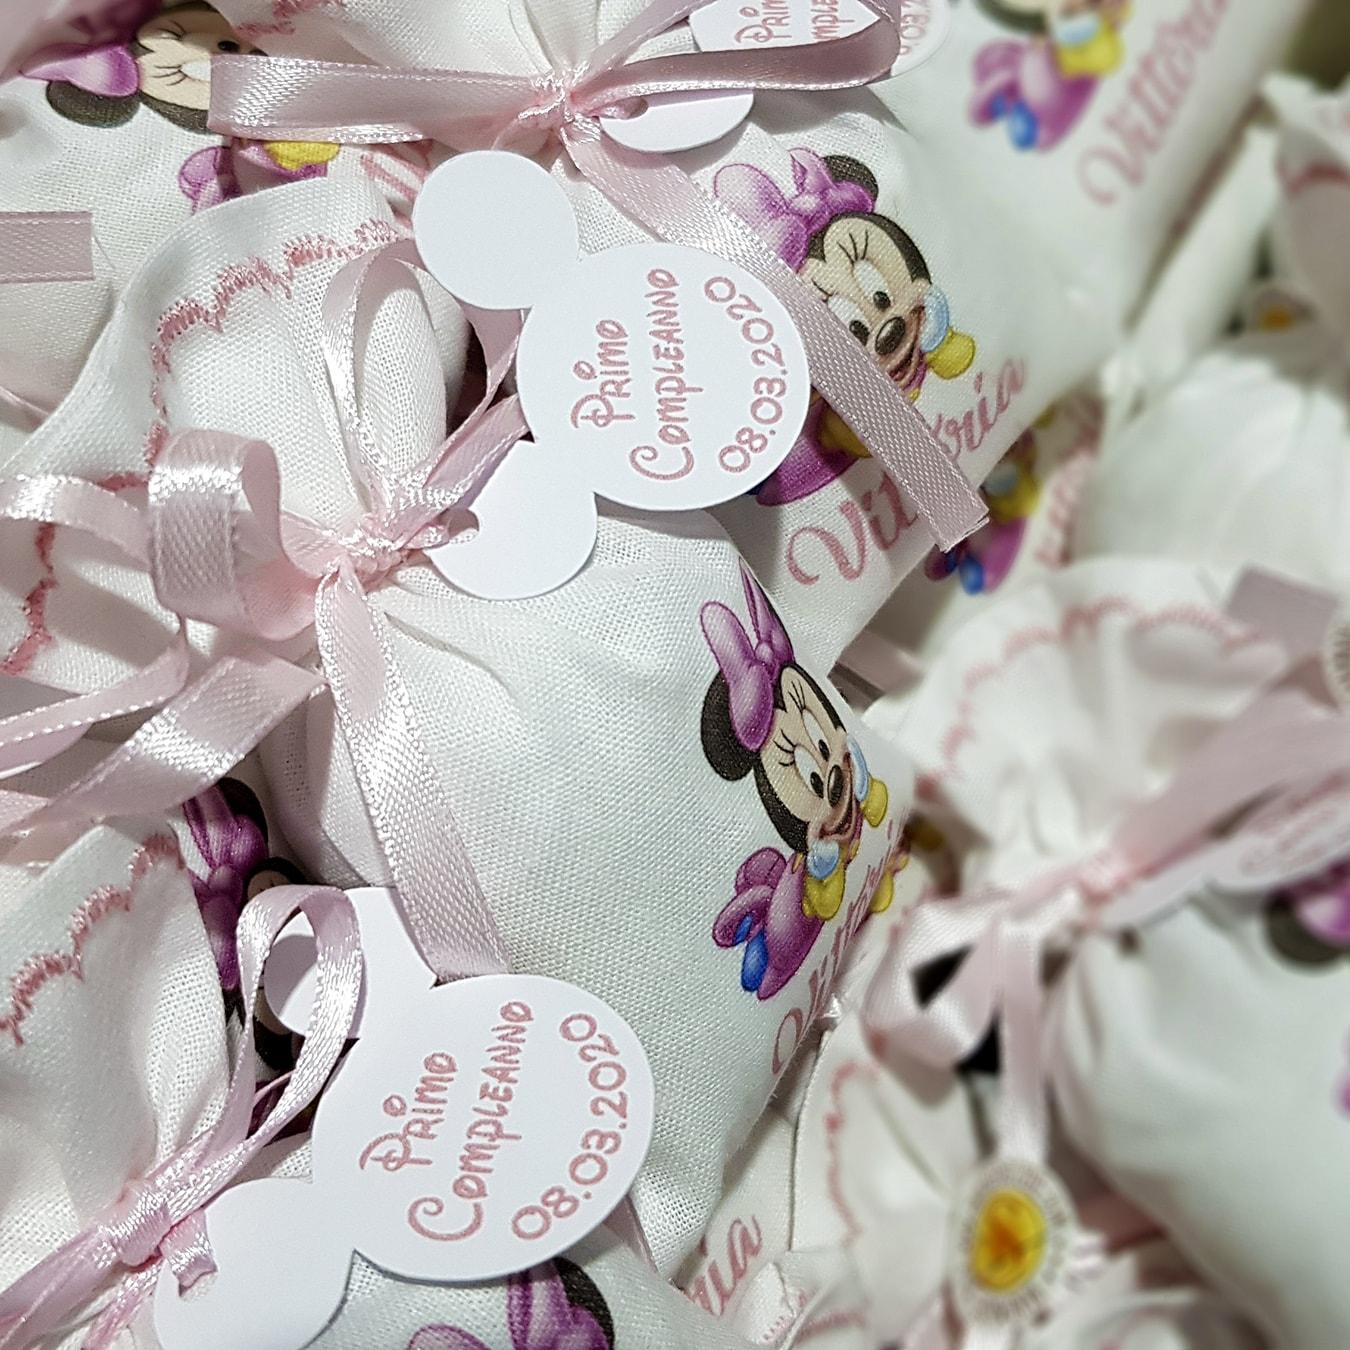 Portaconfetti Minnie personalizzati con nome bimbo - www.crociedelizie.com